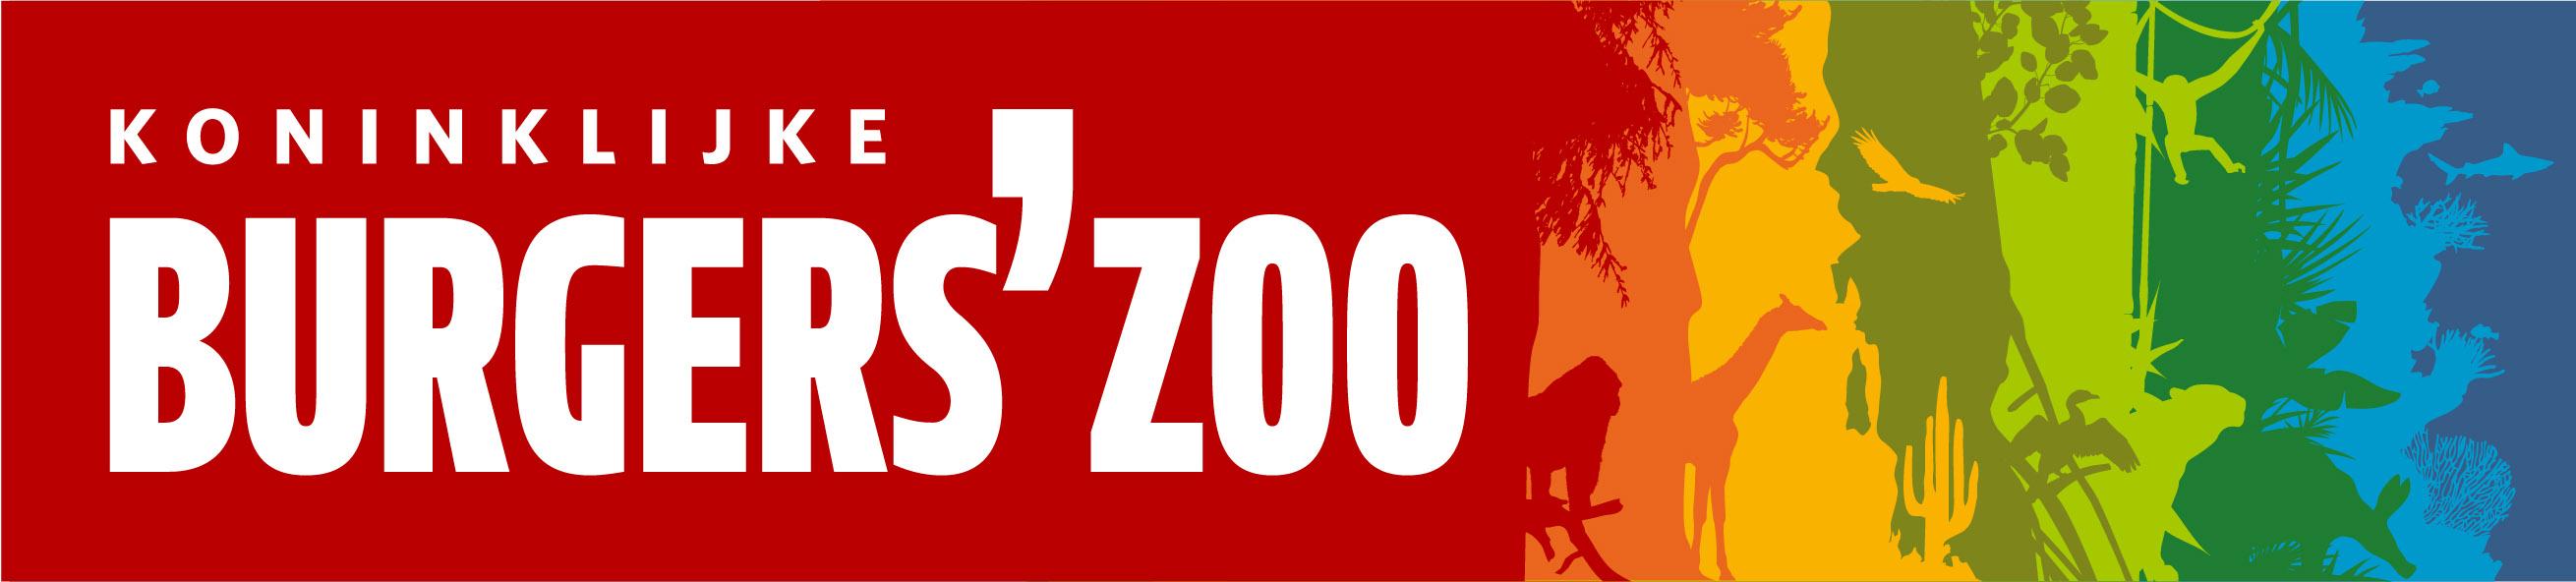 kaartjes burgers zoo met korting